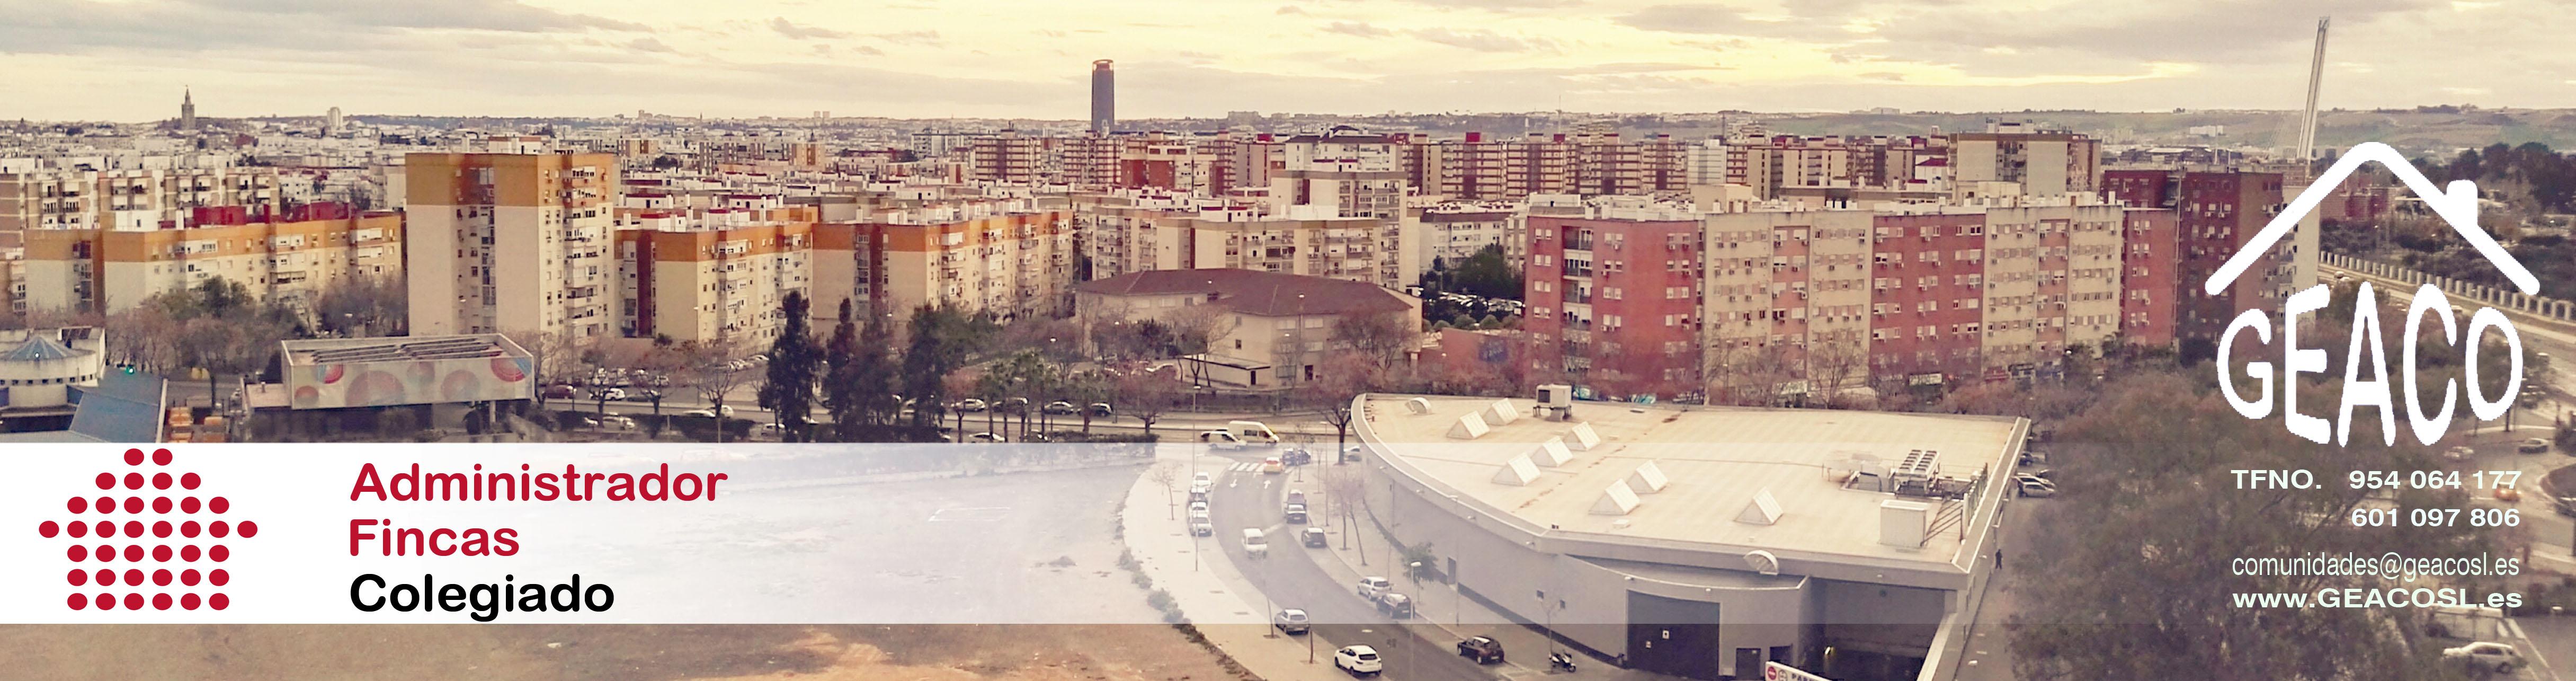 Portada GEACO administracion de fincas Sevilla 2